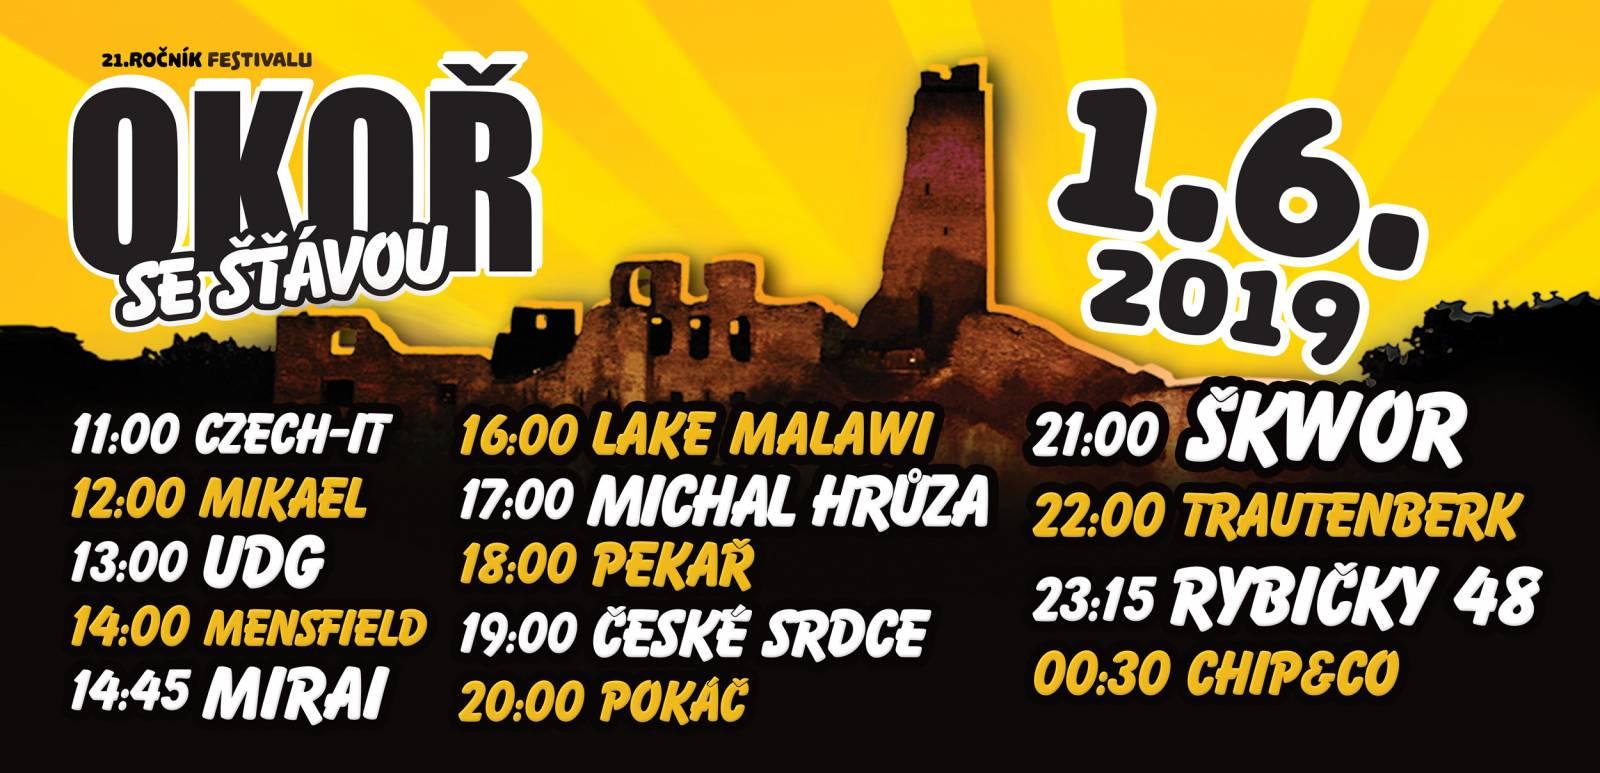 Festival Okoř se šťávou zveřejnil časový harmonogram, hlavními hvězdami budou Škwor, Trautenberk i Rybičky 48